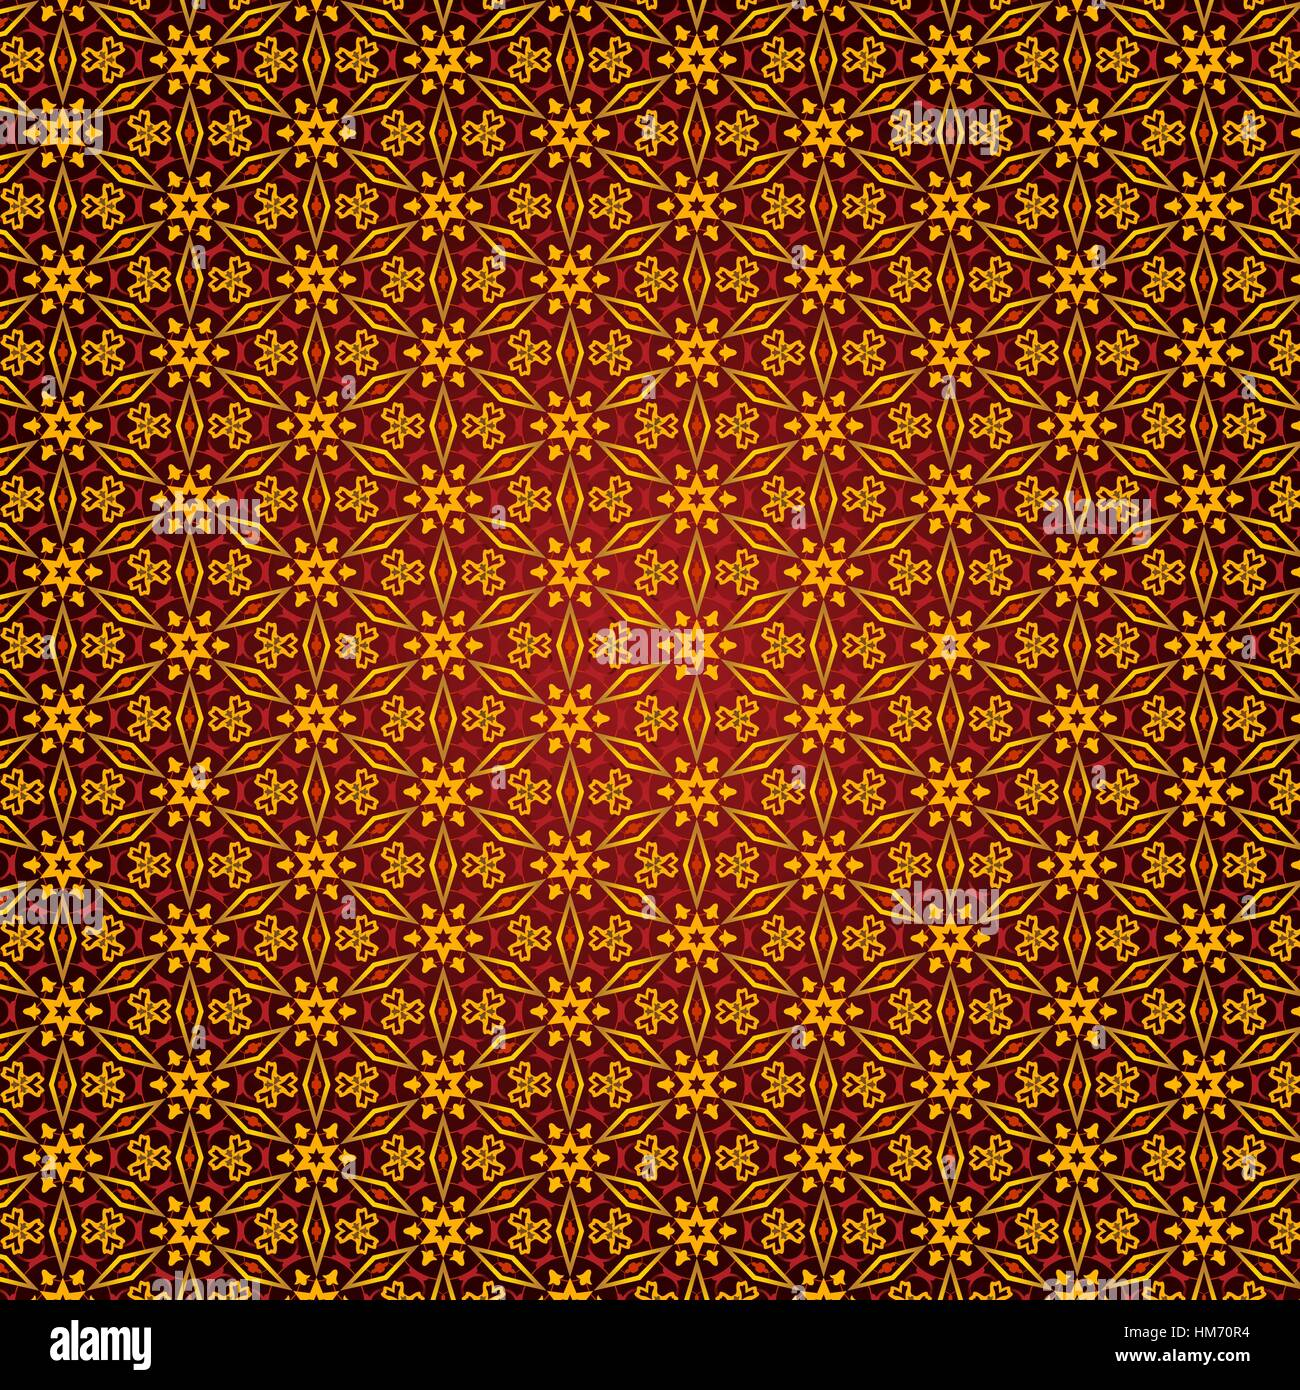 vintage orientalisches ornament von mandalas vorlage fr teppich schal tapete stilisierte reichen mittelalterlichen dekor - Tapete Orientalisches Muster